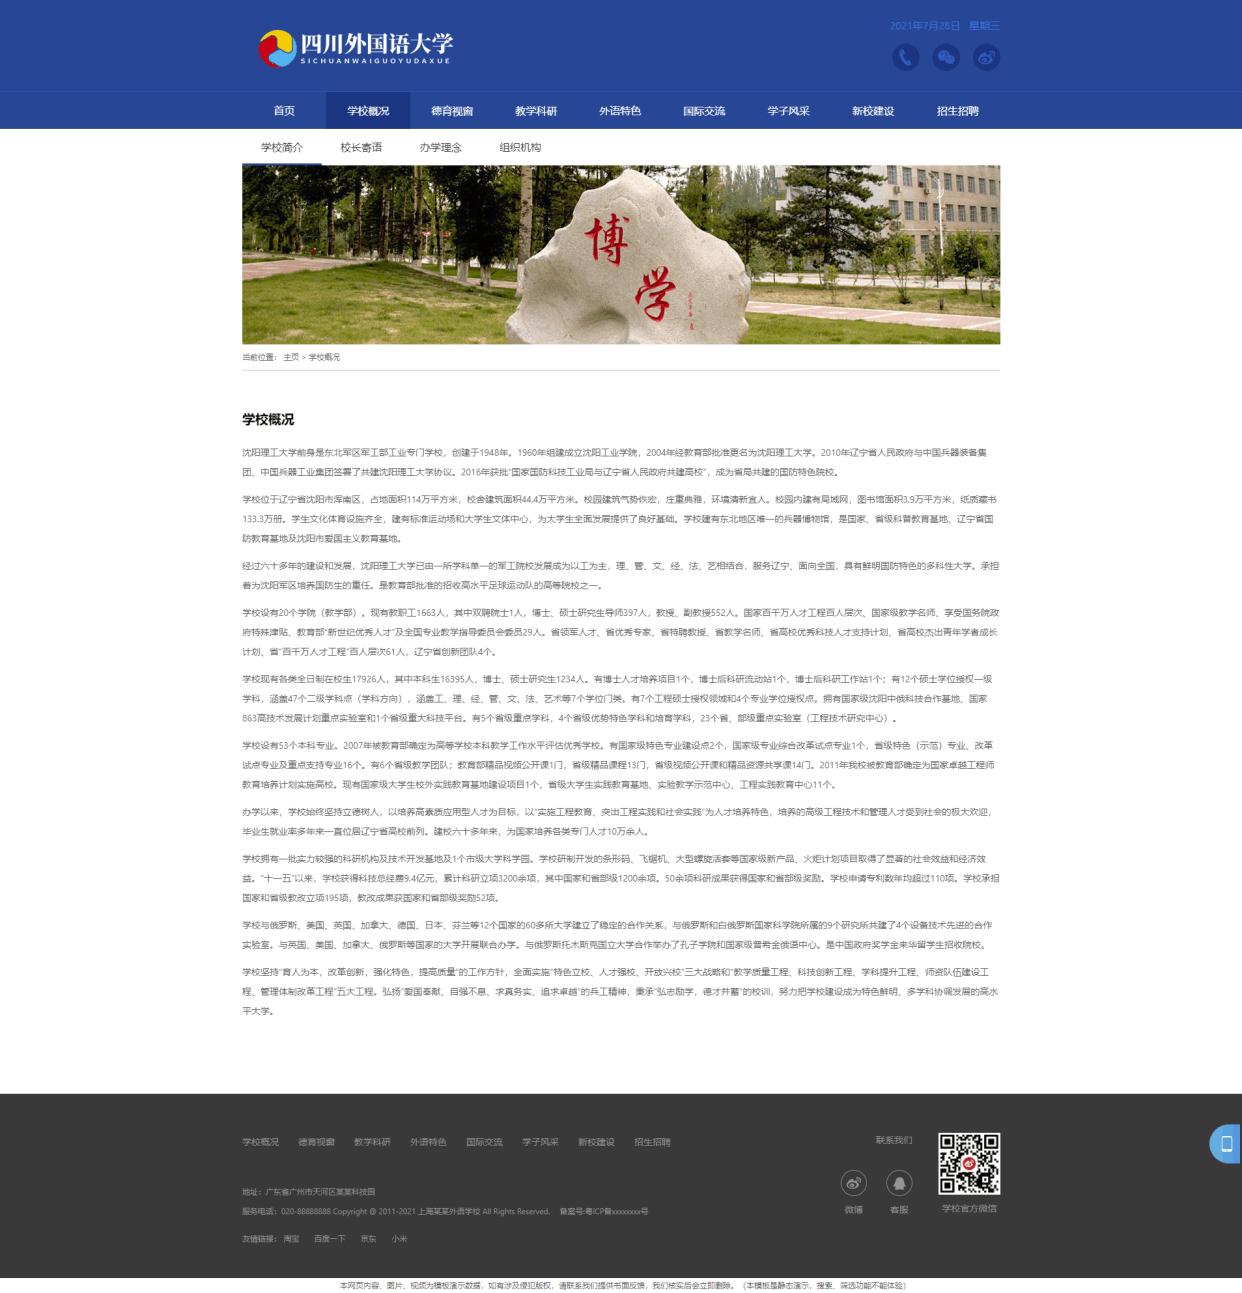 基于ThinkPHP5框架开发的响应式H5学校学院类教育门户网站PHP源码 PHP框架 第2张